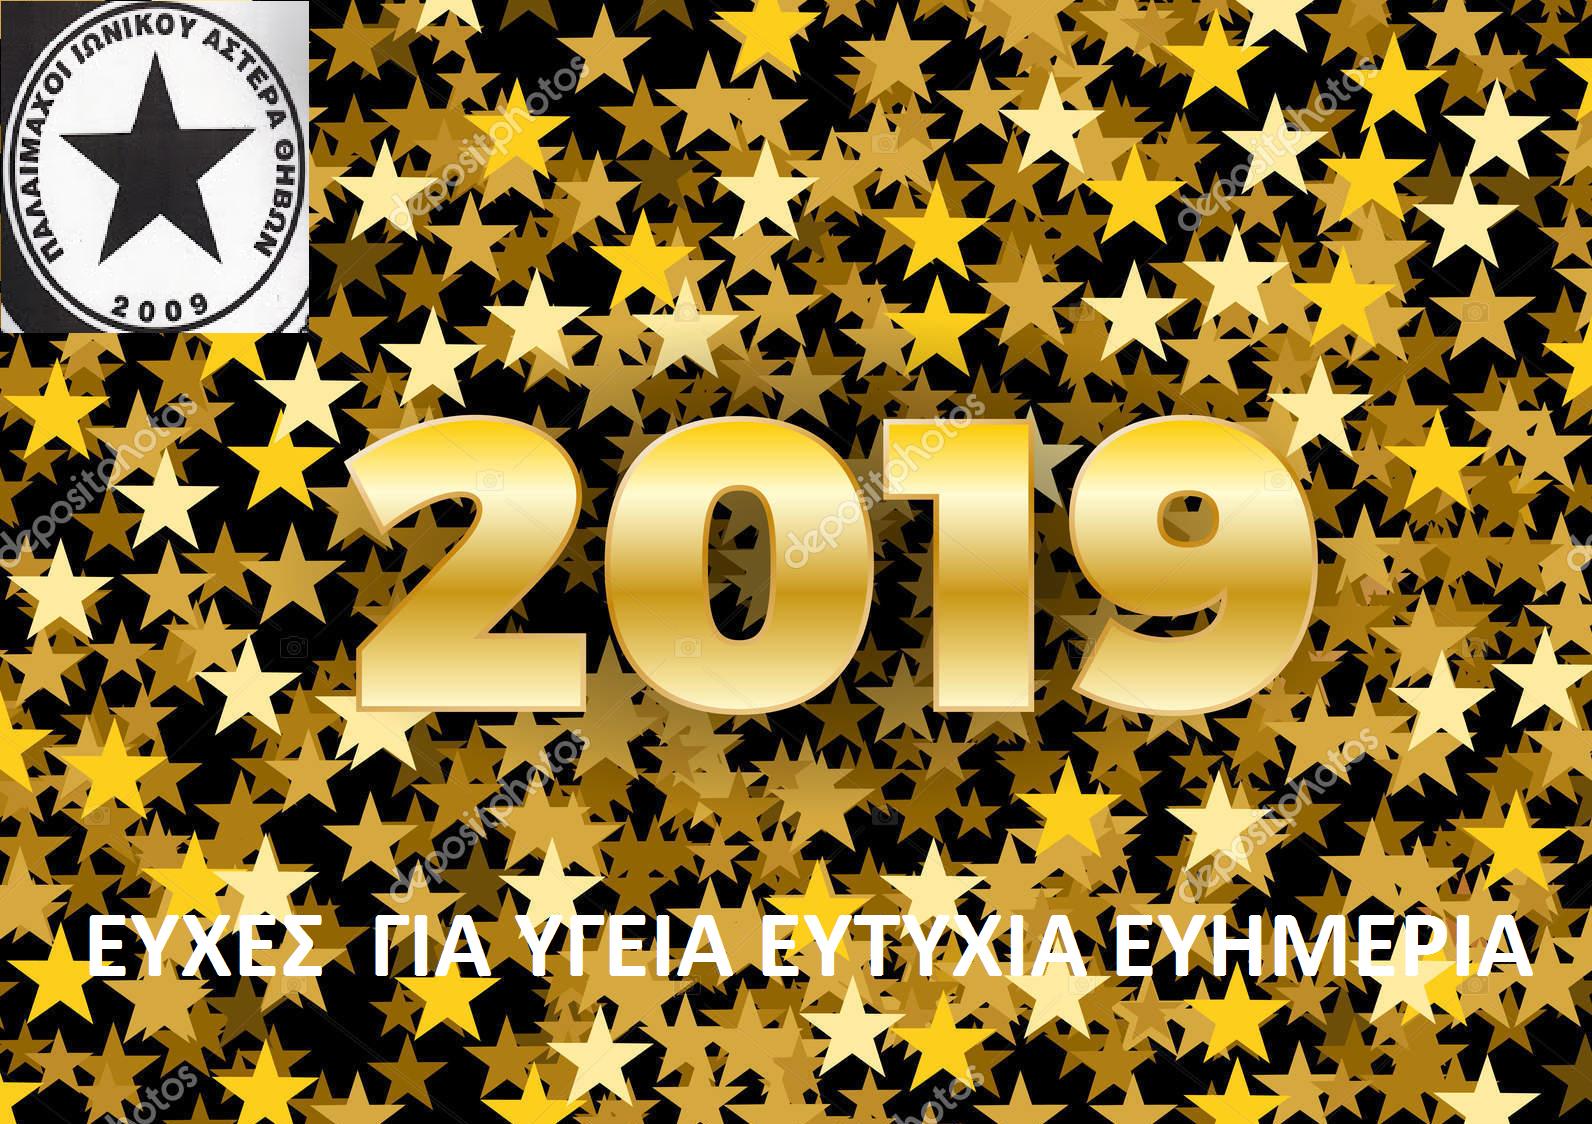 2019 !!! ΥΓΕΙΑ , ΕΥΤΥΧΙΑ , ΕΥΗΜΕΡΙΑ !!!